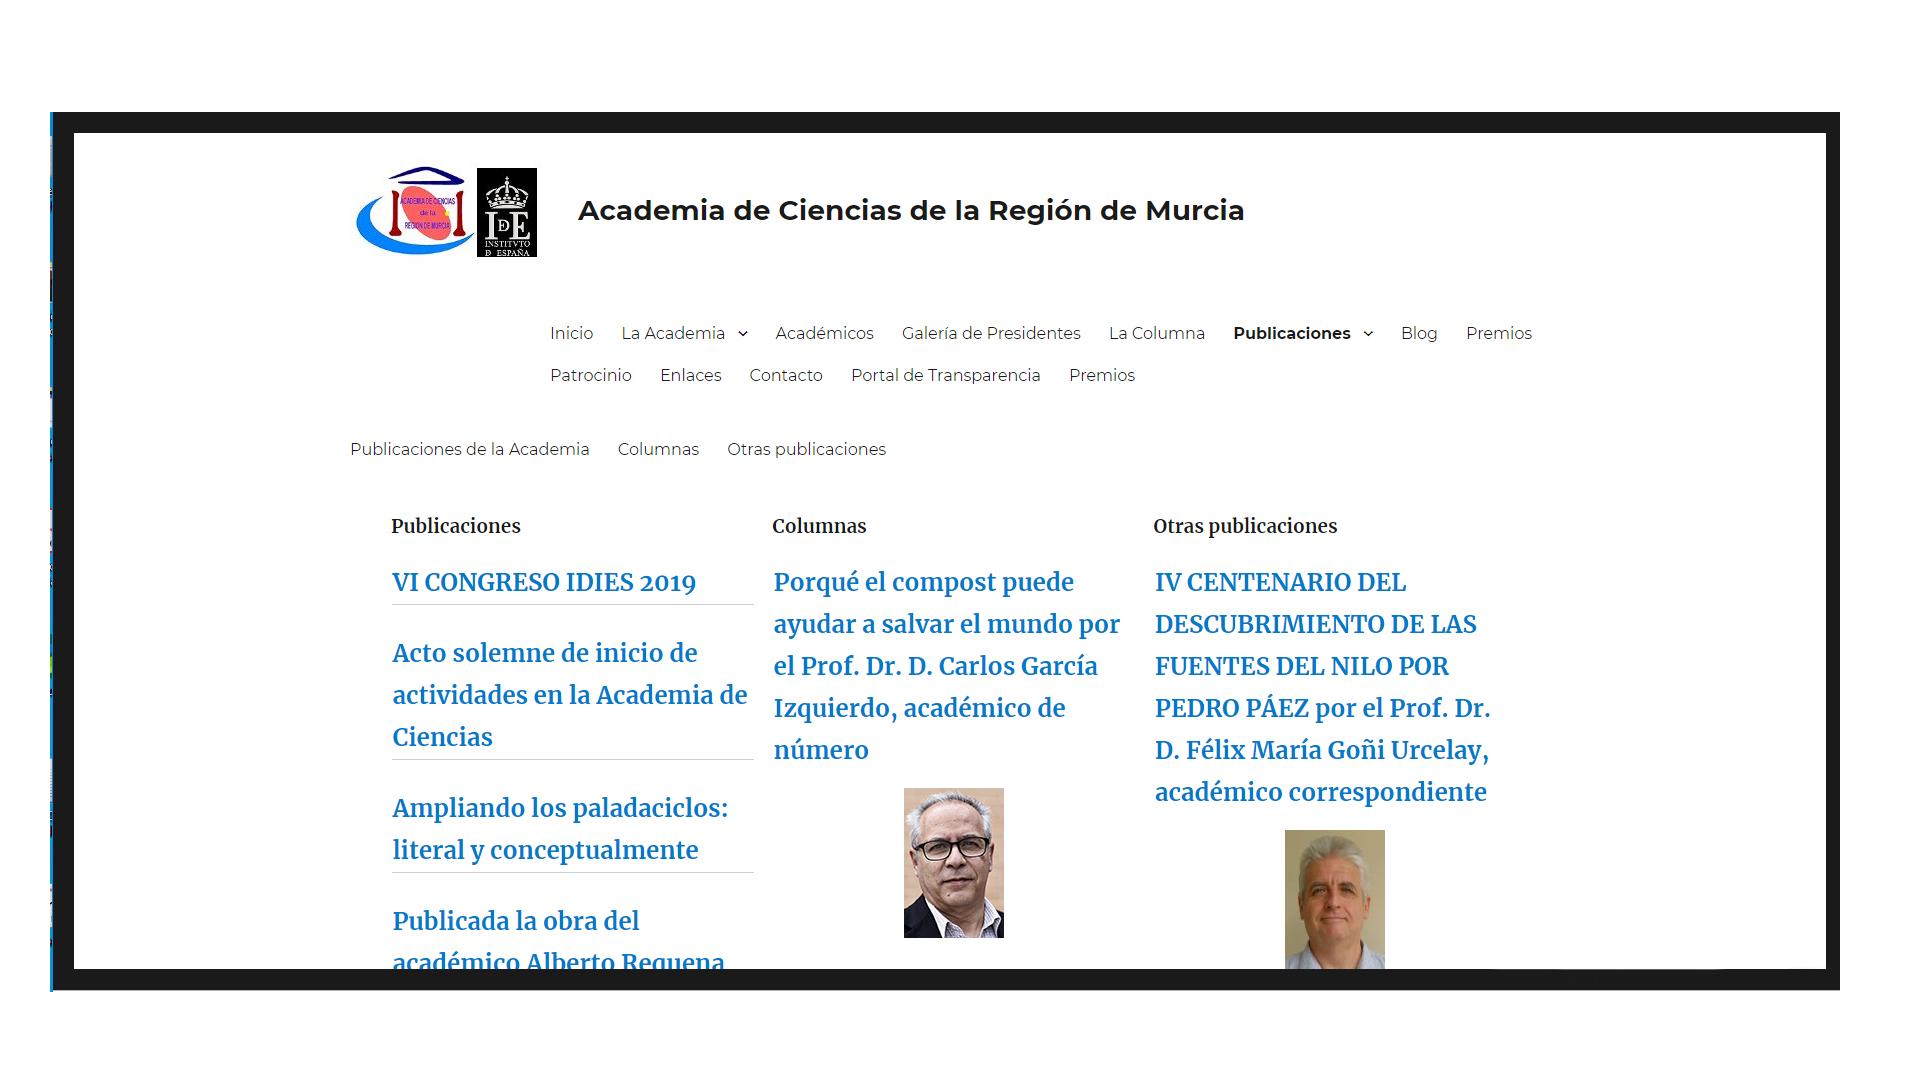 Pantallazo de la página web de la Academia de Ciencias de la Región de Murcia